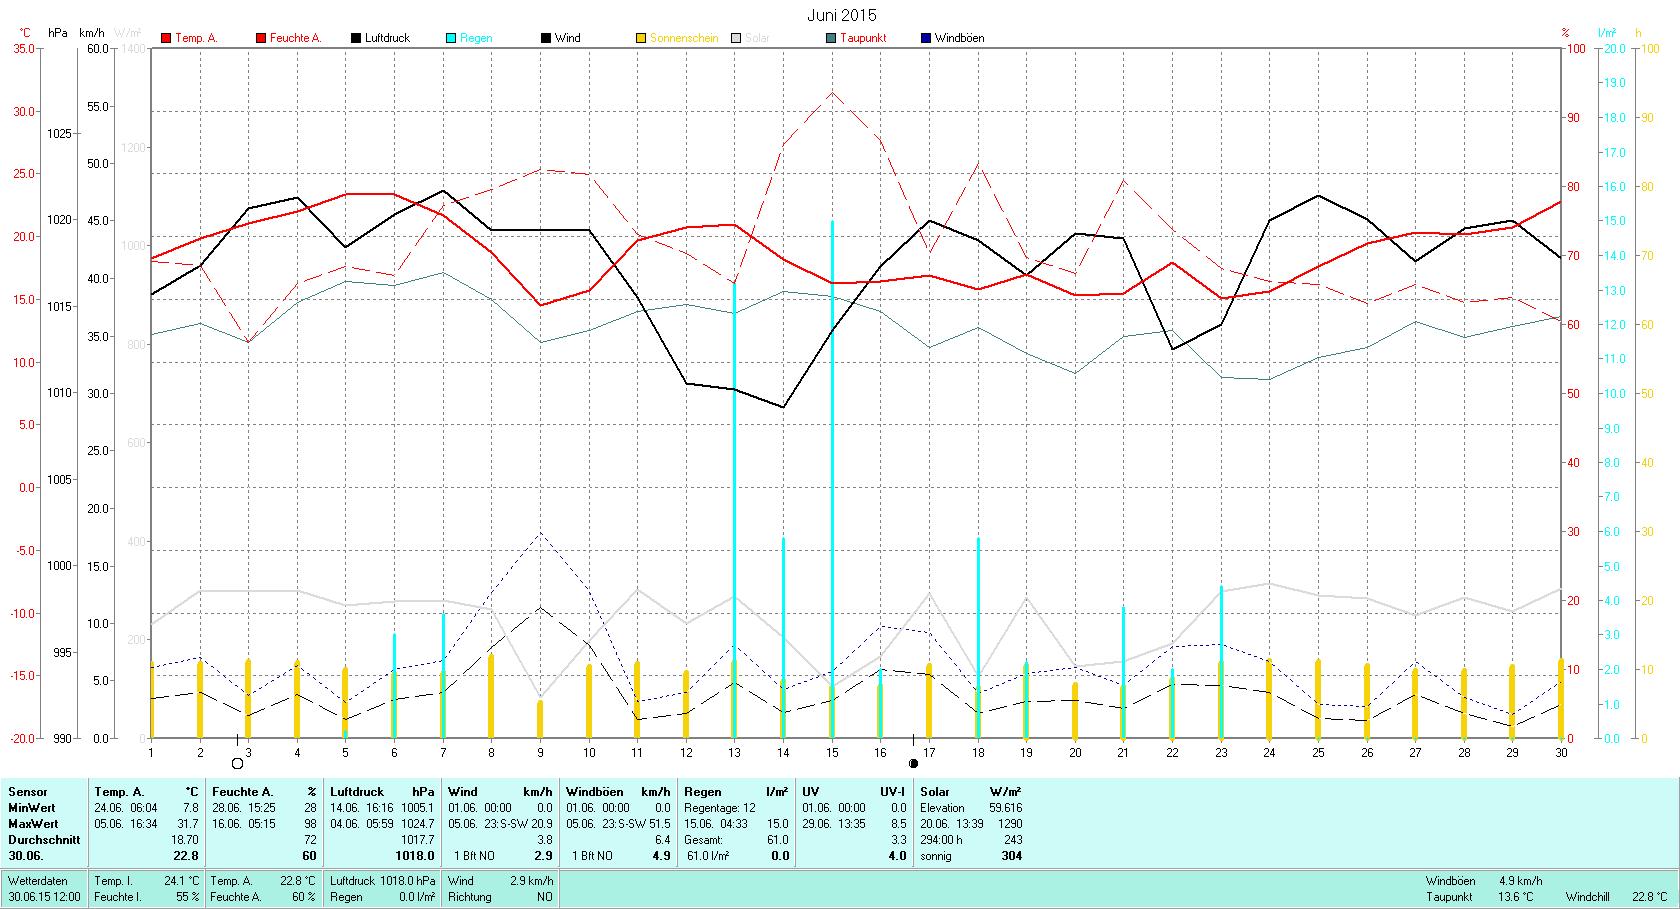 Juni 2015 Tmin 7.8°C, Tmax 31.7°C, Sonne 294.00h, Niederschlag 61.0mm/2